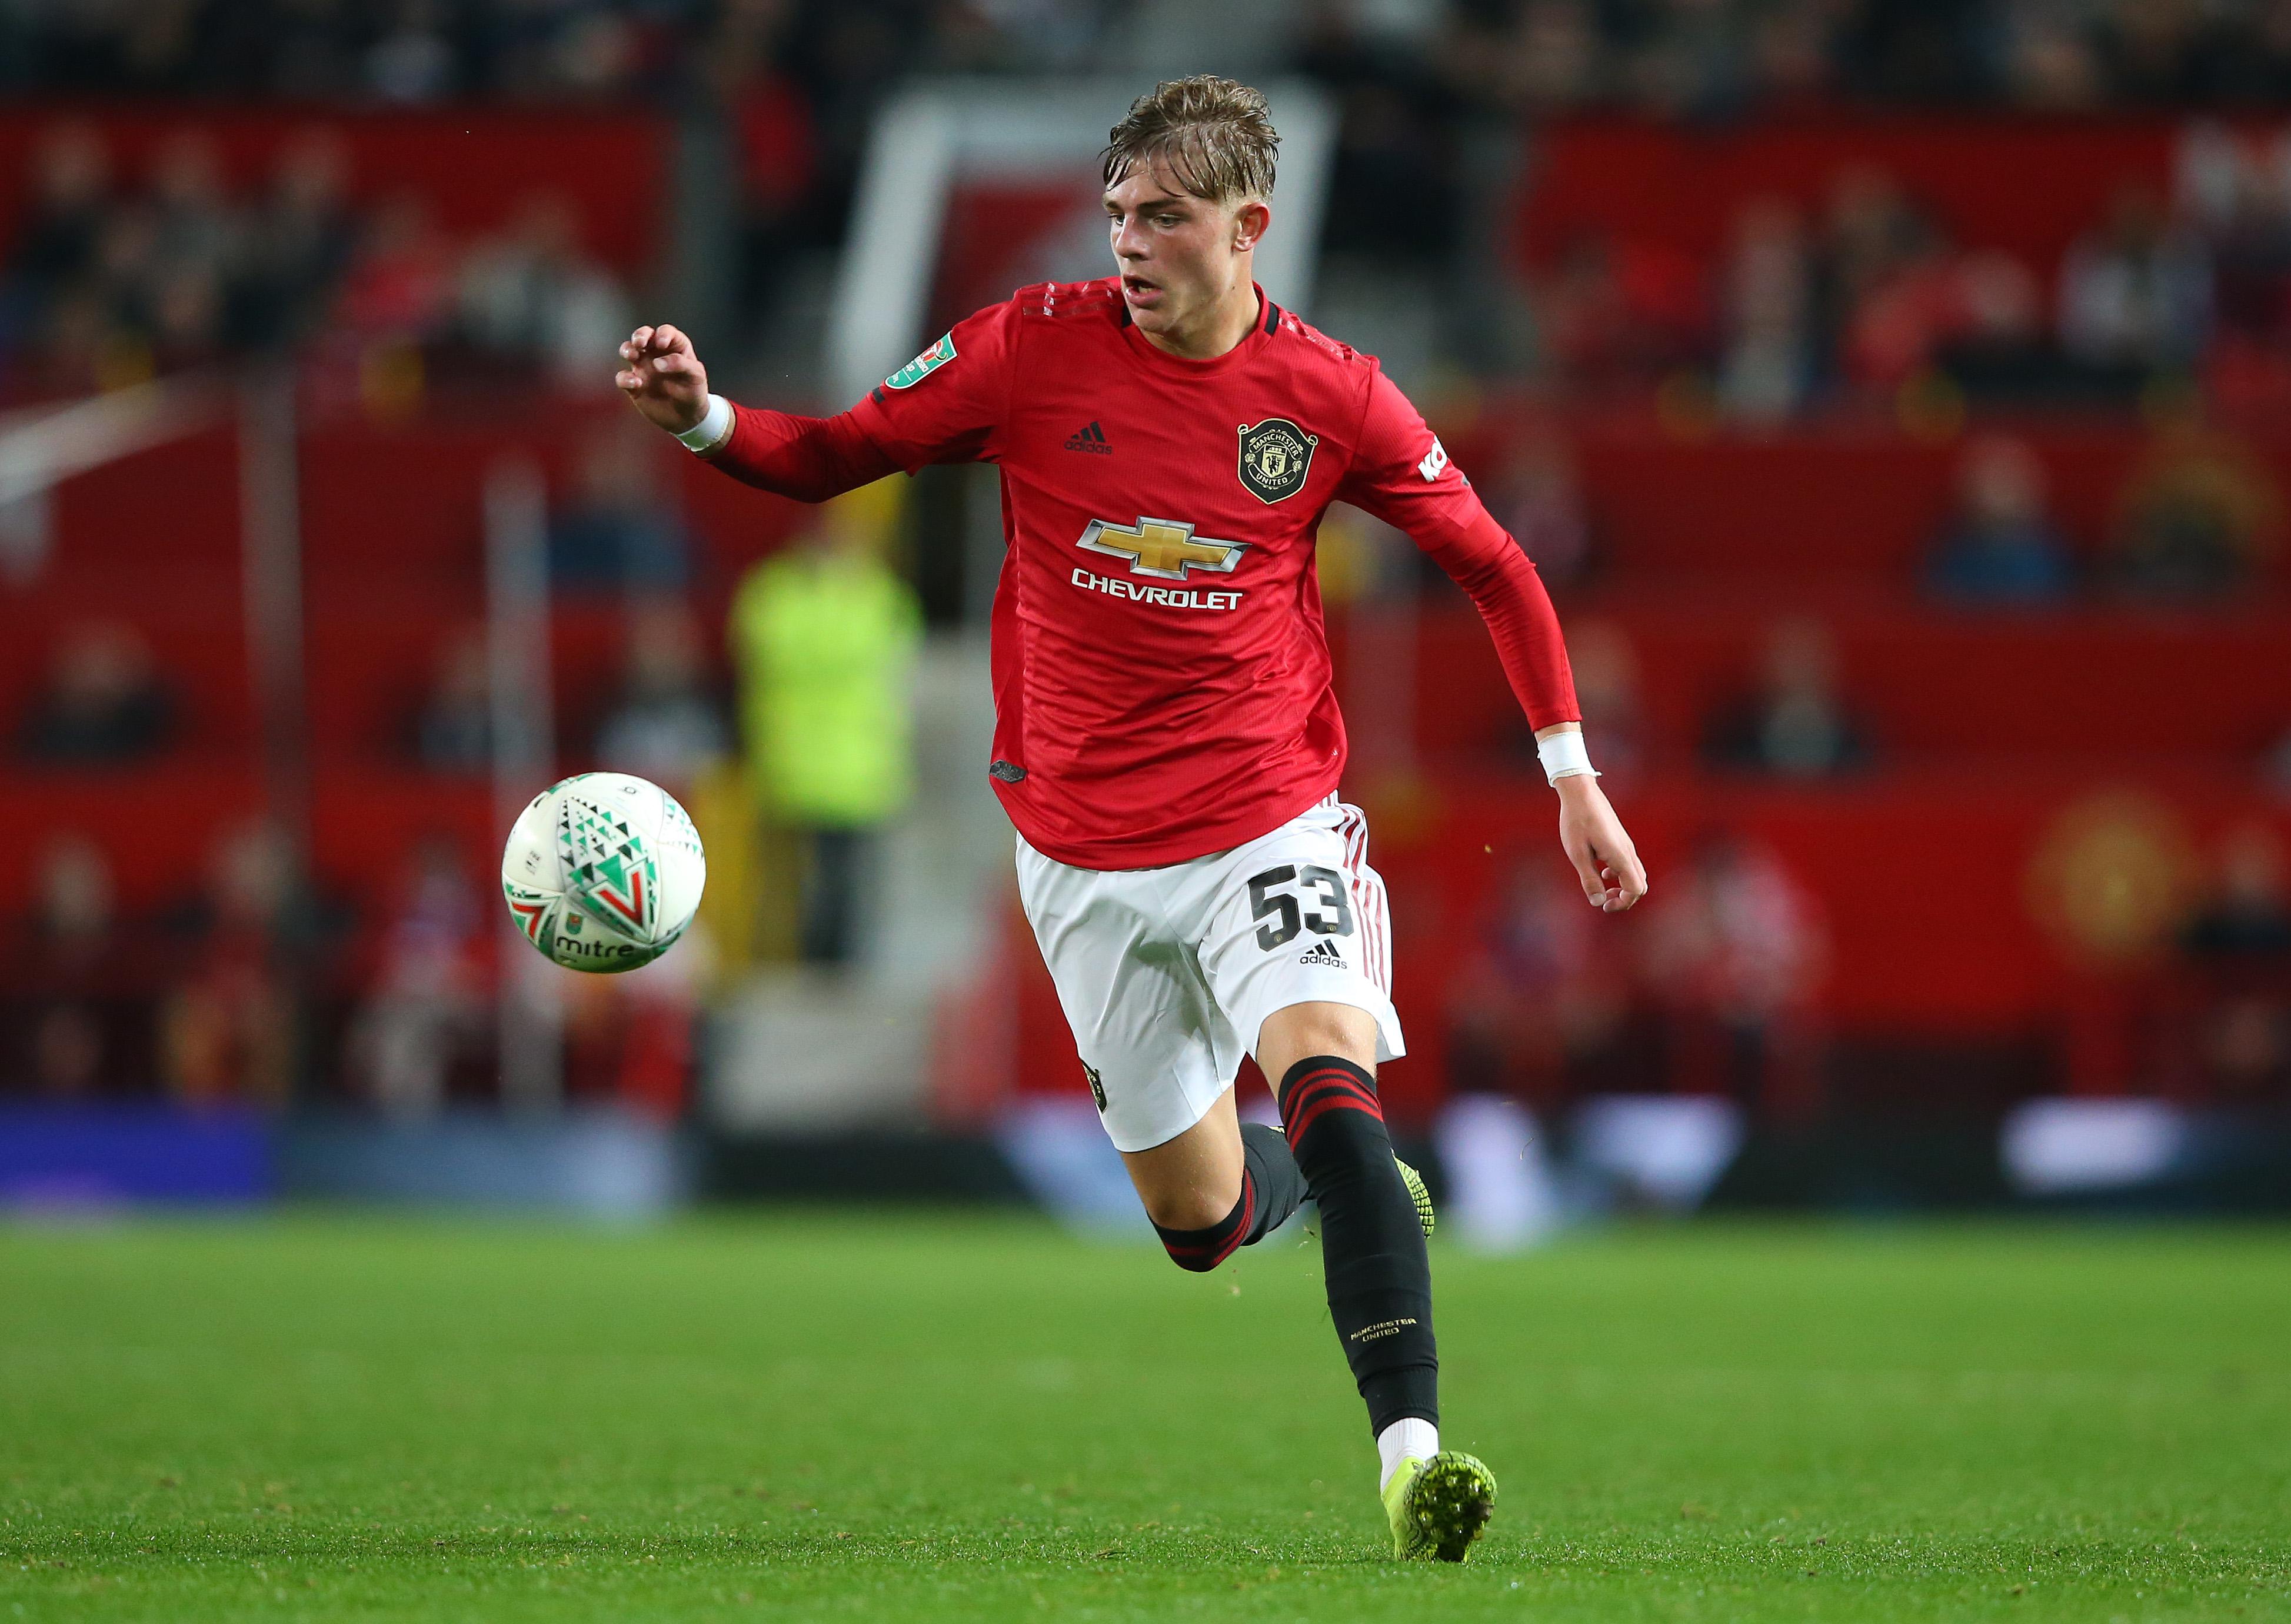 Williams United